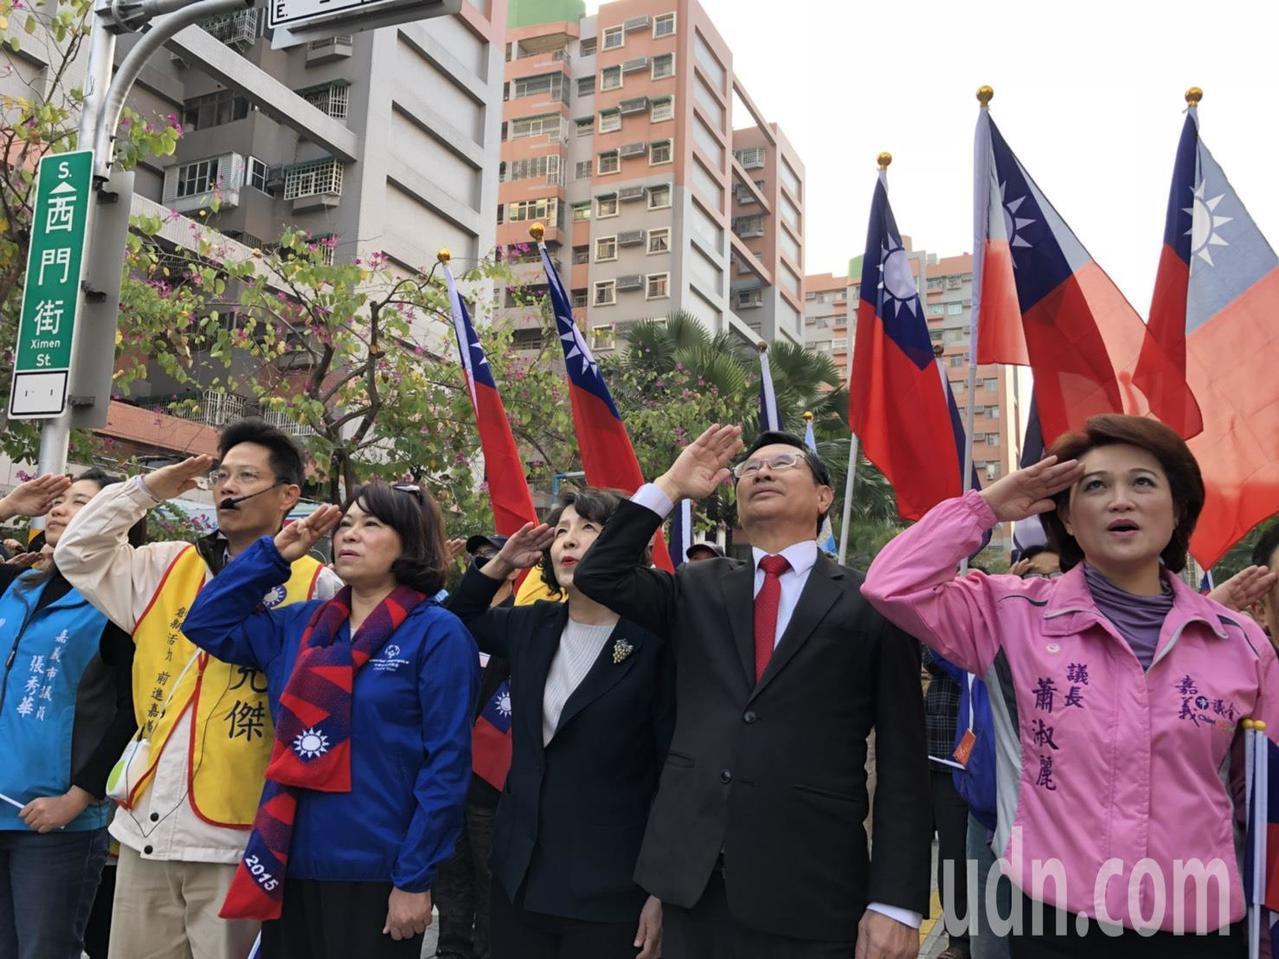 國民黨籍嘉義市議長蕭淑麗(右一)今天在議會宣布退黨,她感嘆,國民黨的世代交替只是...